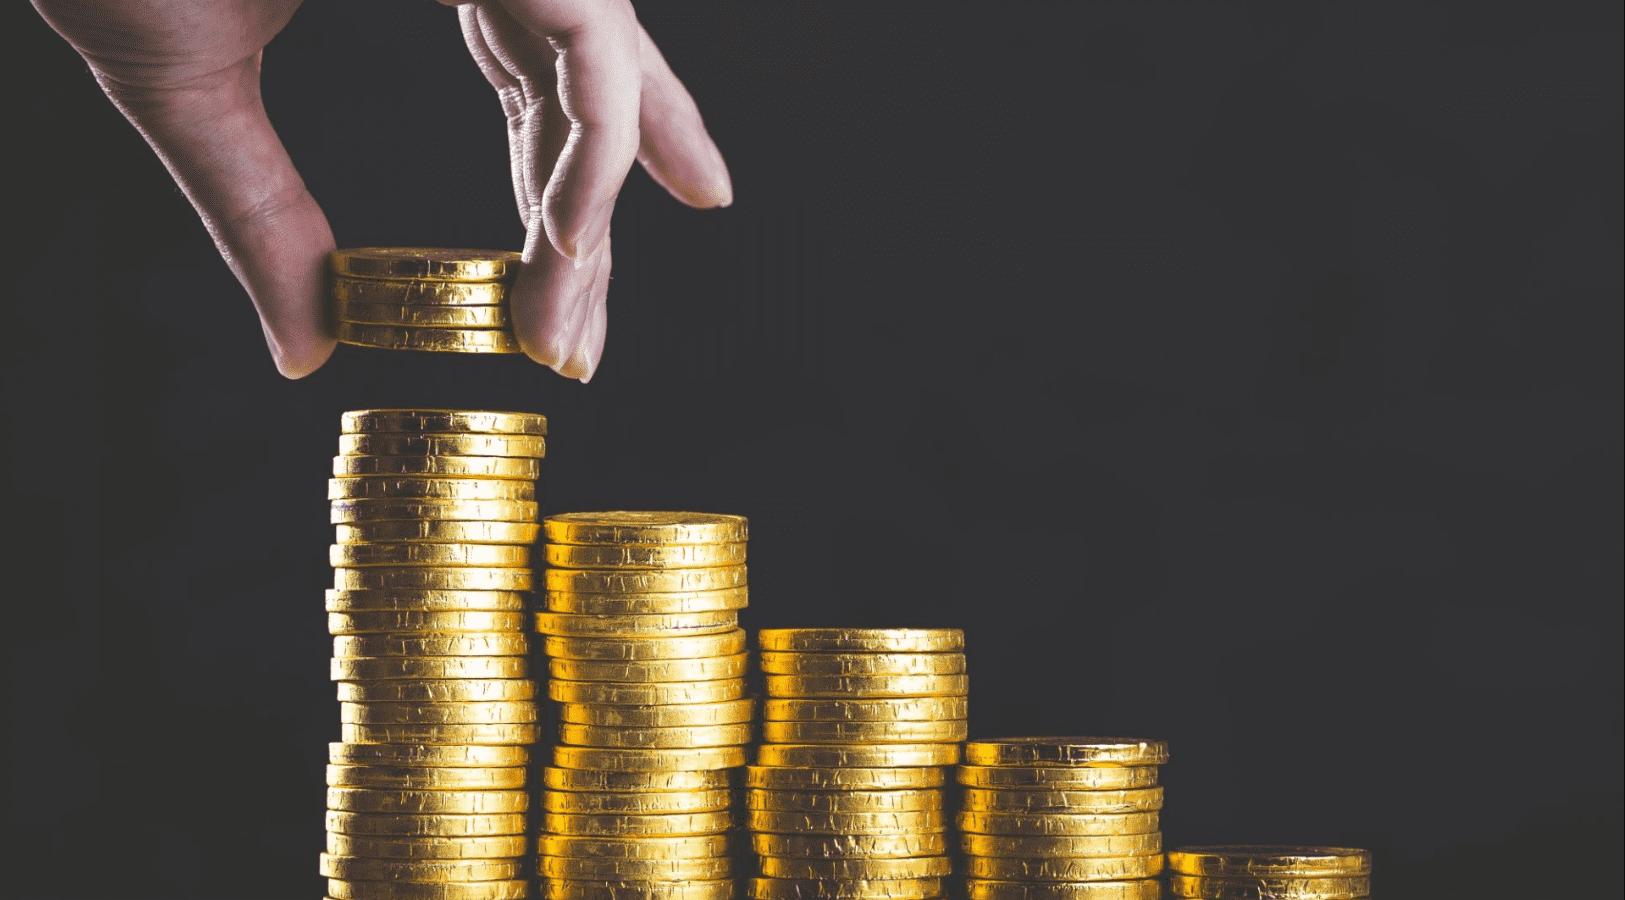 Imagem mostra ´pilhas de moedas e uma mão acrescentando outras.